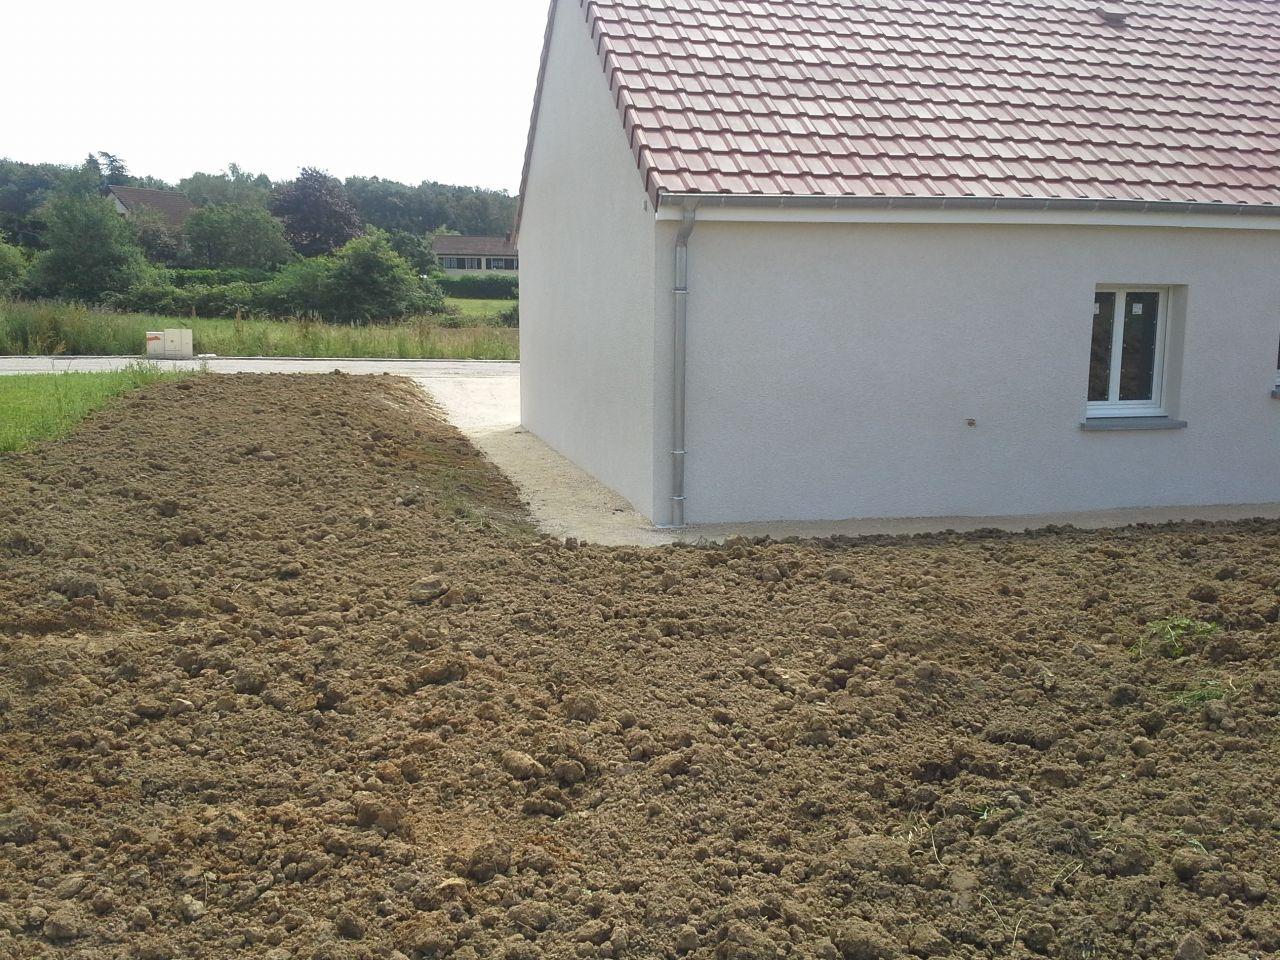 Fin des travaux pour mfc terrassement termin for Autour de la maison anglet